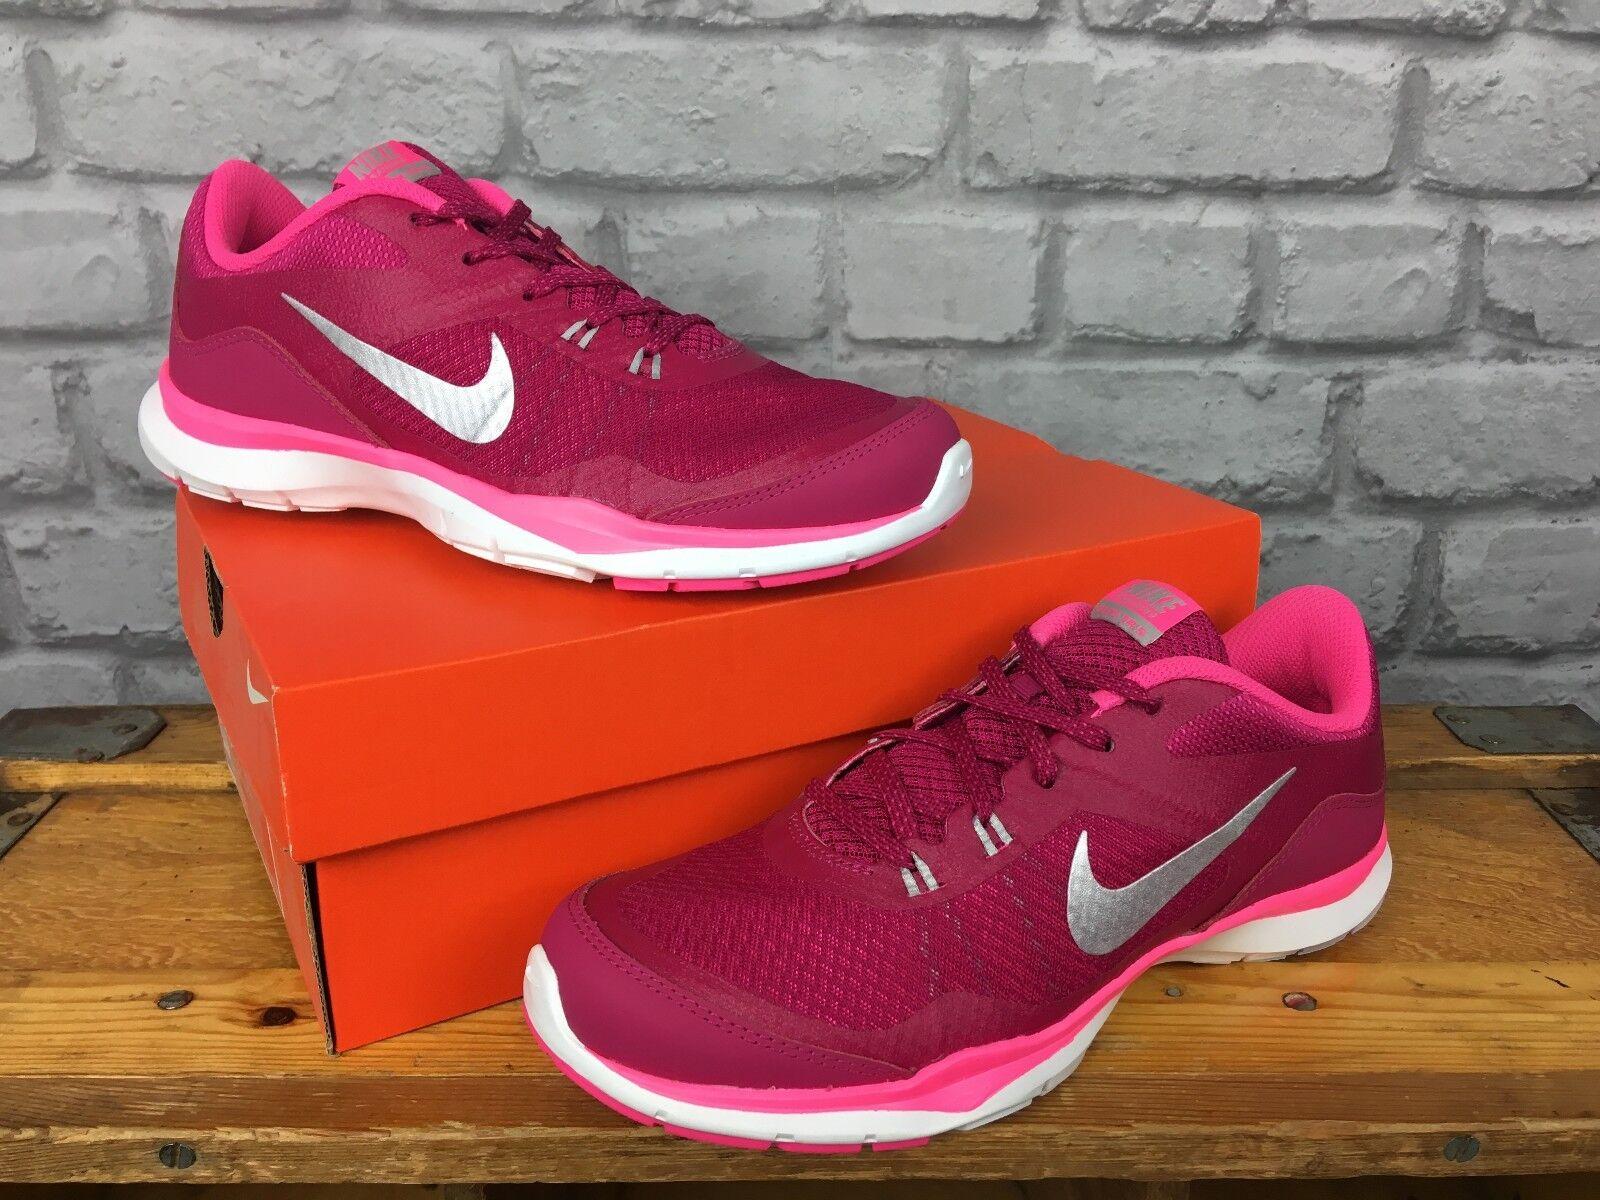 Nike 38.5 Femmes UK 5 EU 38.5 Nike Hot Vives Rose Flex TR 5 Baskets 63d2f3